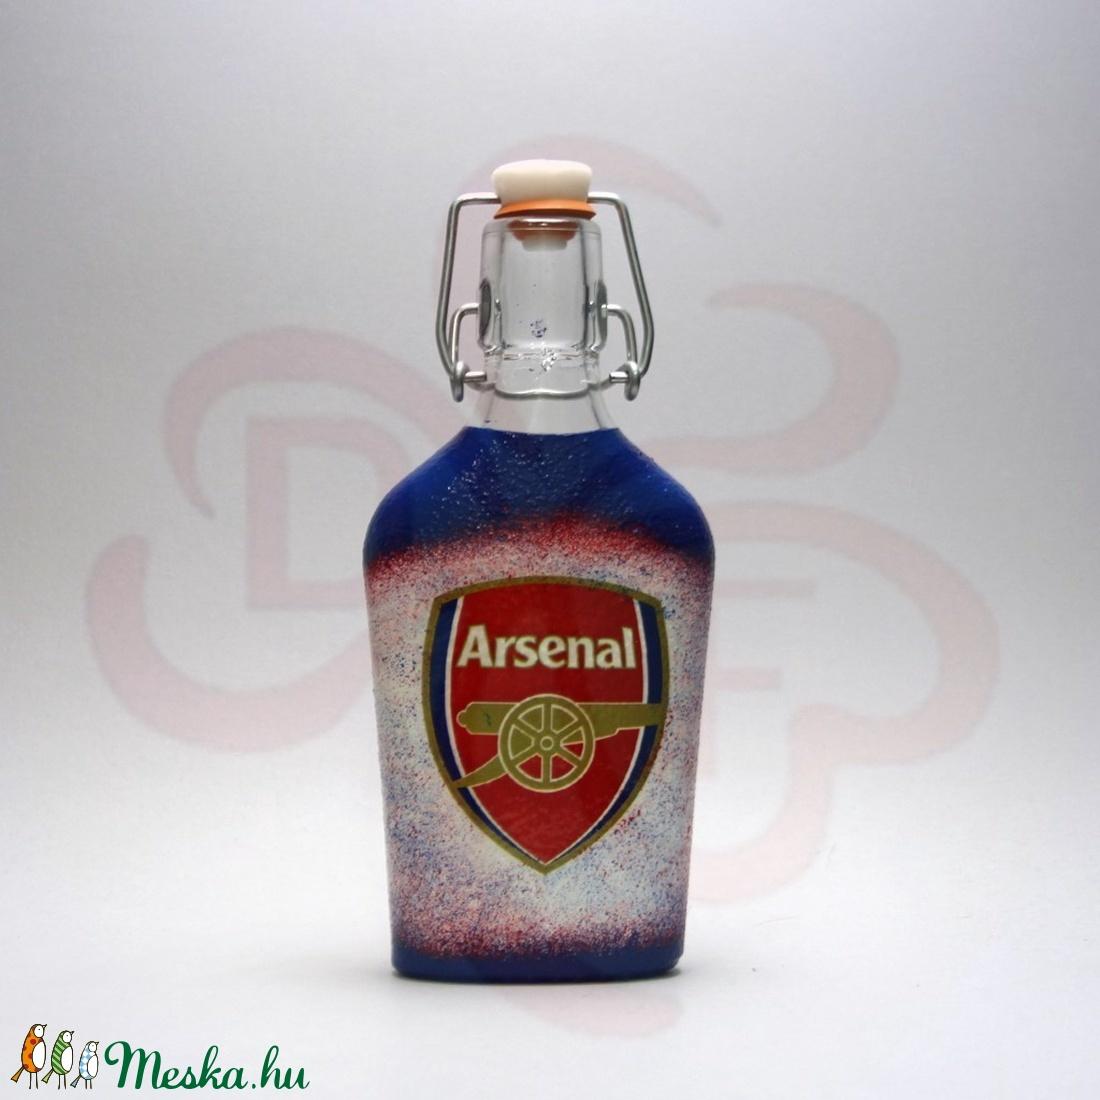 ARSENAL csatosüveg  ; Igazán egyedi Arsenal szurkolói ajándék. - Meska.hu